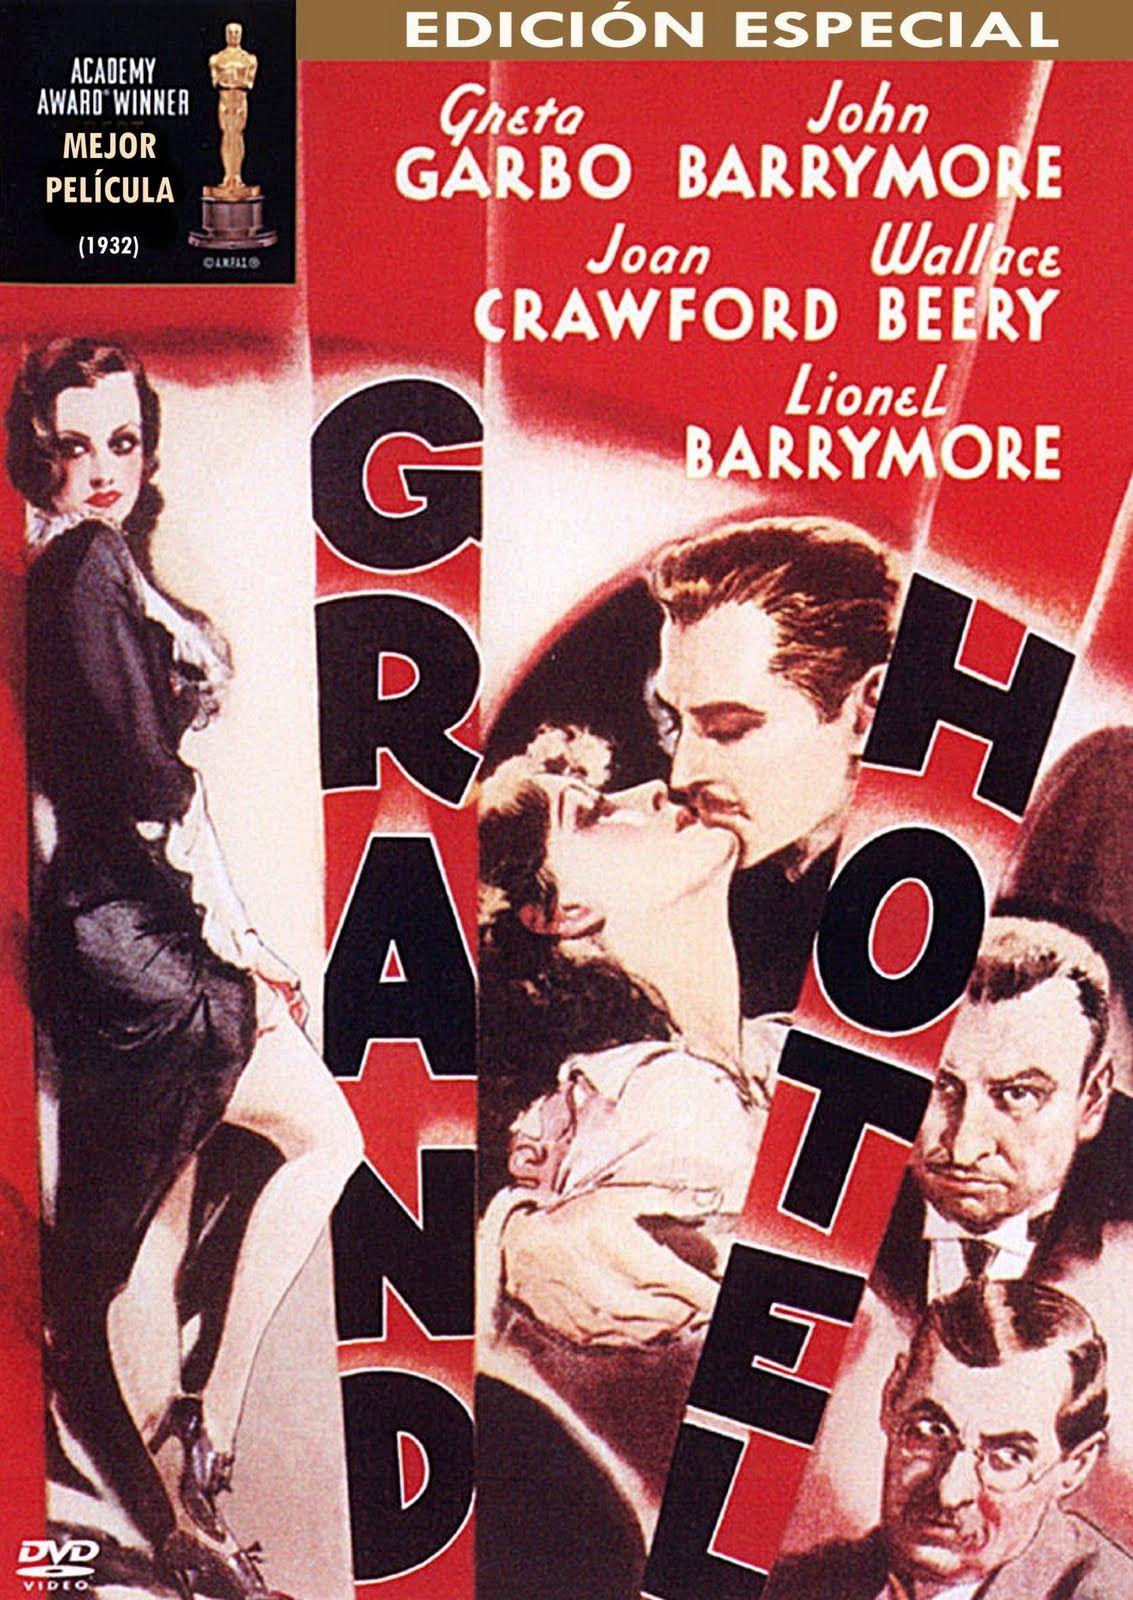 El gran post del cine clásico....que no caiga en el olvido 1ffd6f2fbdd34ea8c67b219f57079874